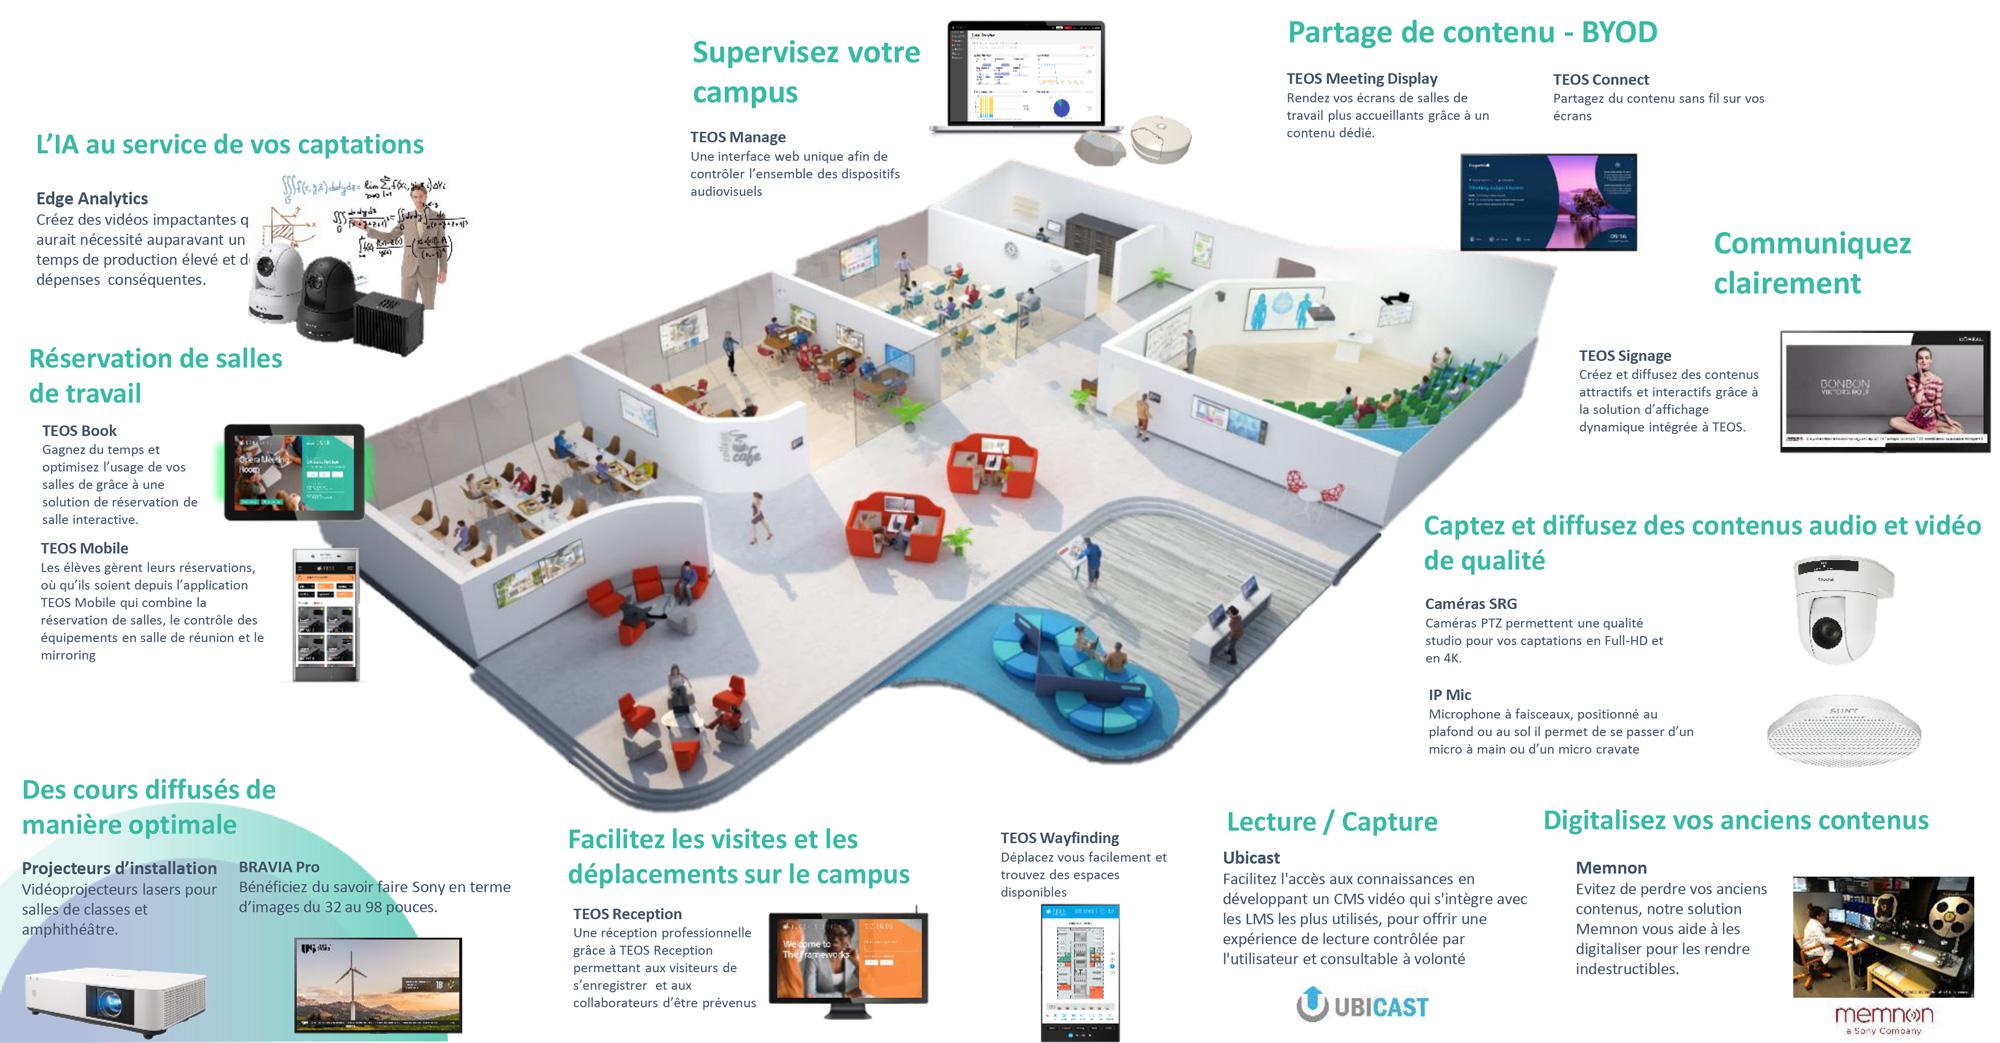 VIDELIO x Sony présentation des solutions de gestion des campus